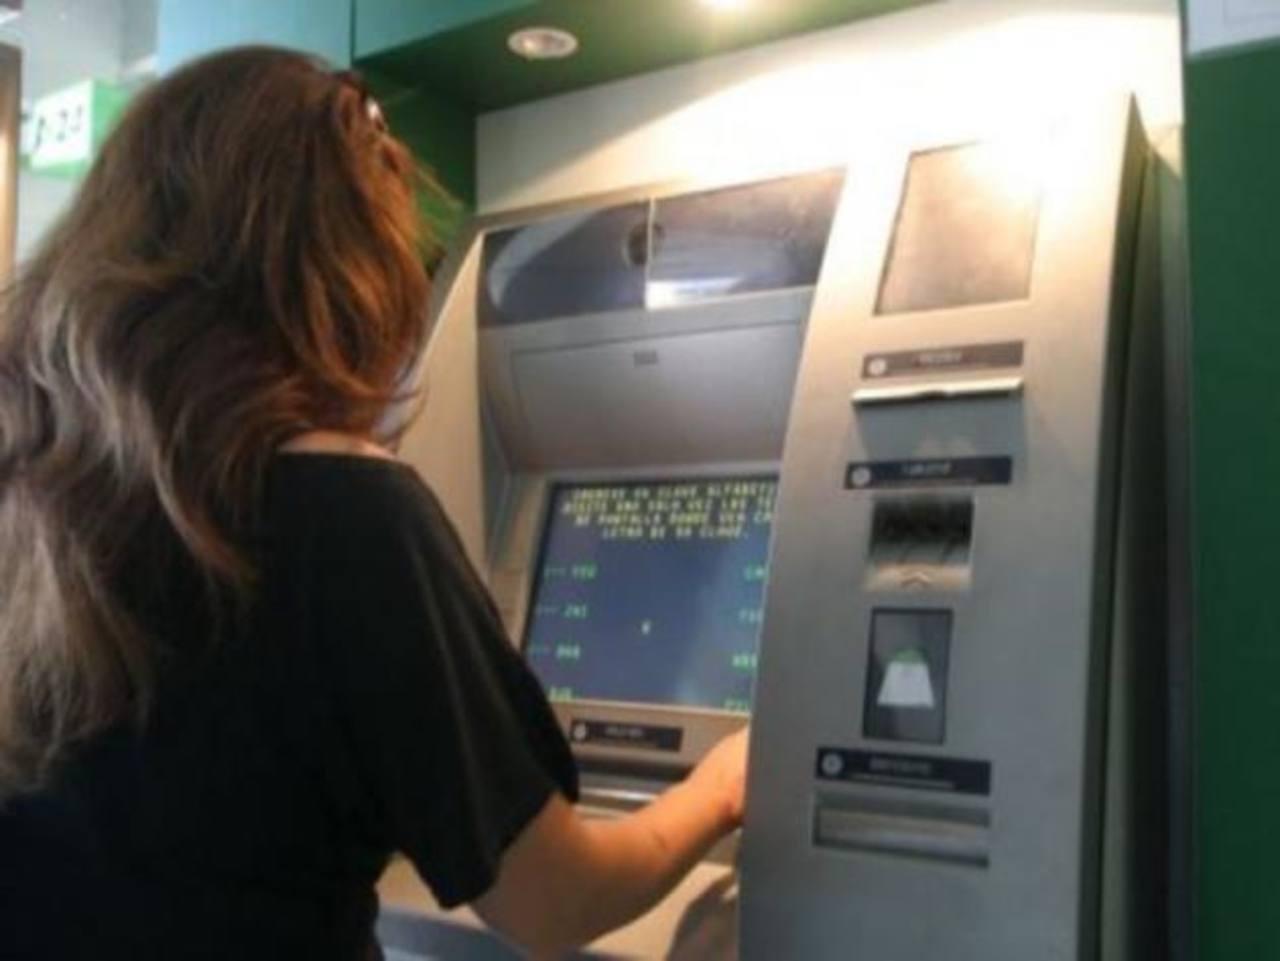 Los cajerons electrónicos, tal como los conocemos, darán paso a esta nueva tecnología. Foto EDH